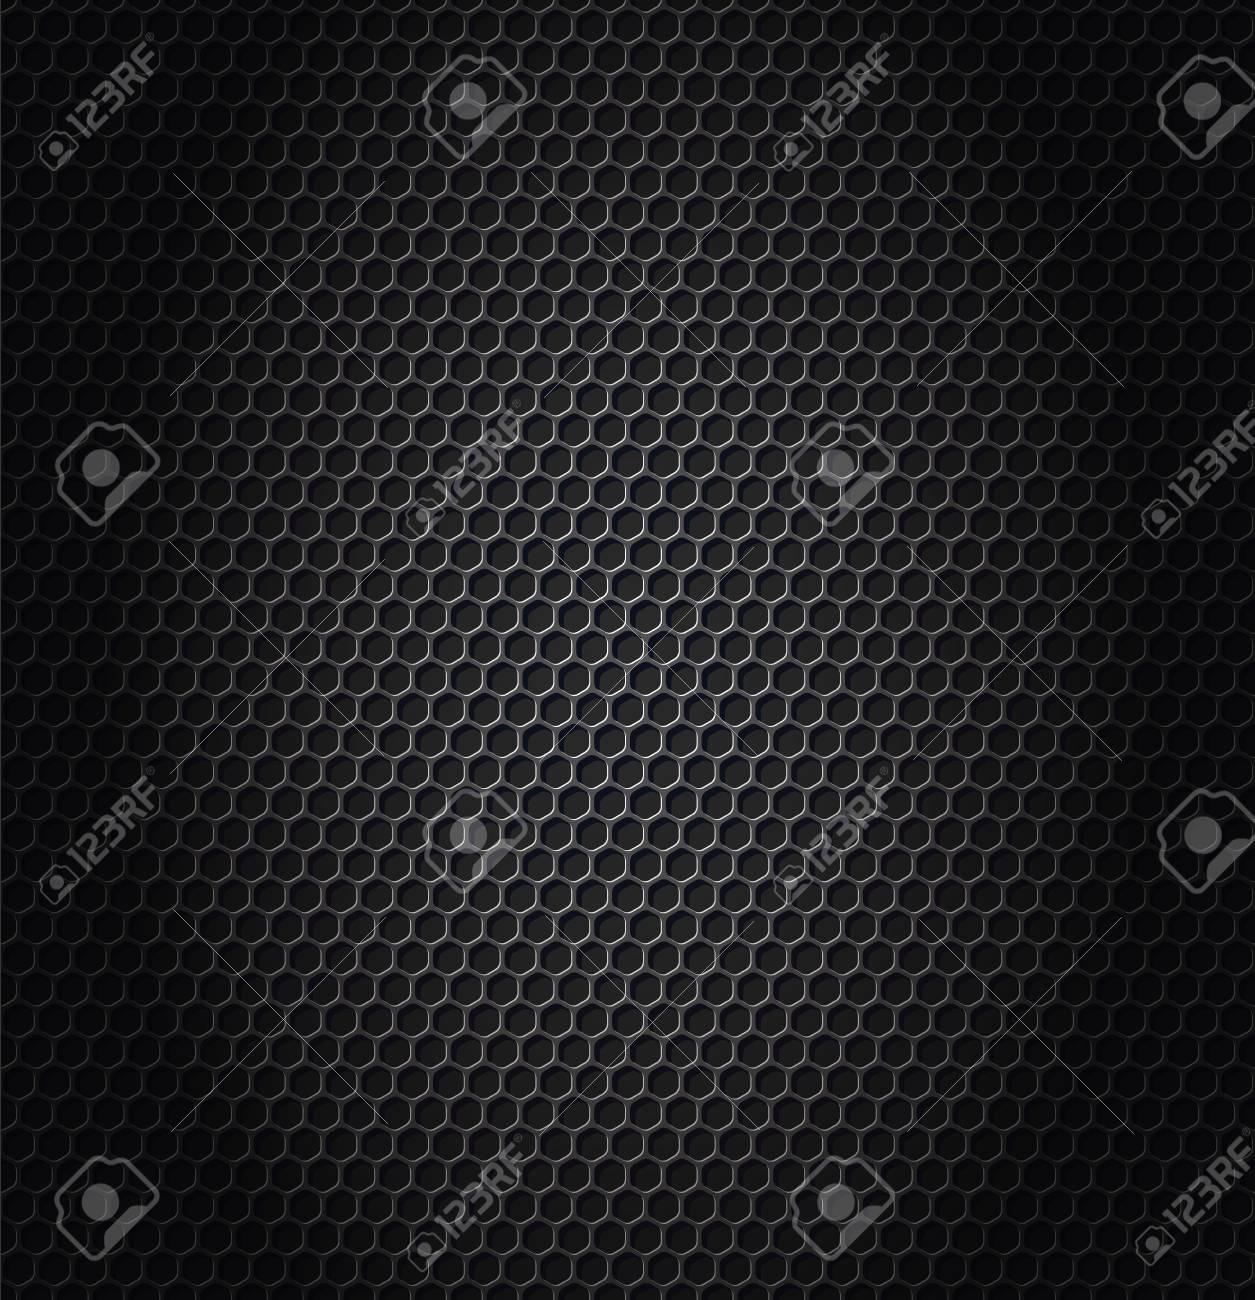 hexagon metallic texture Vector illustration. - 93845780